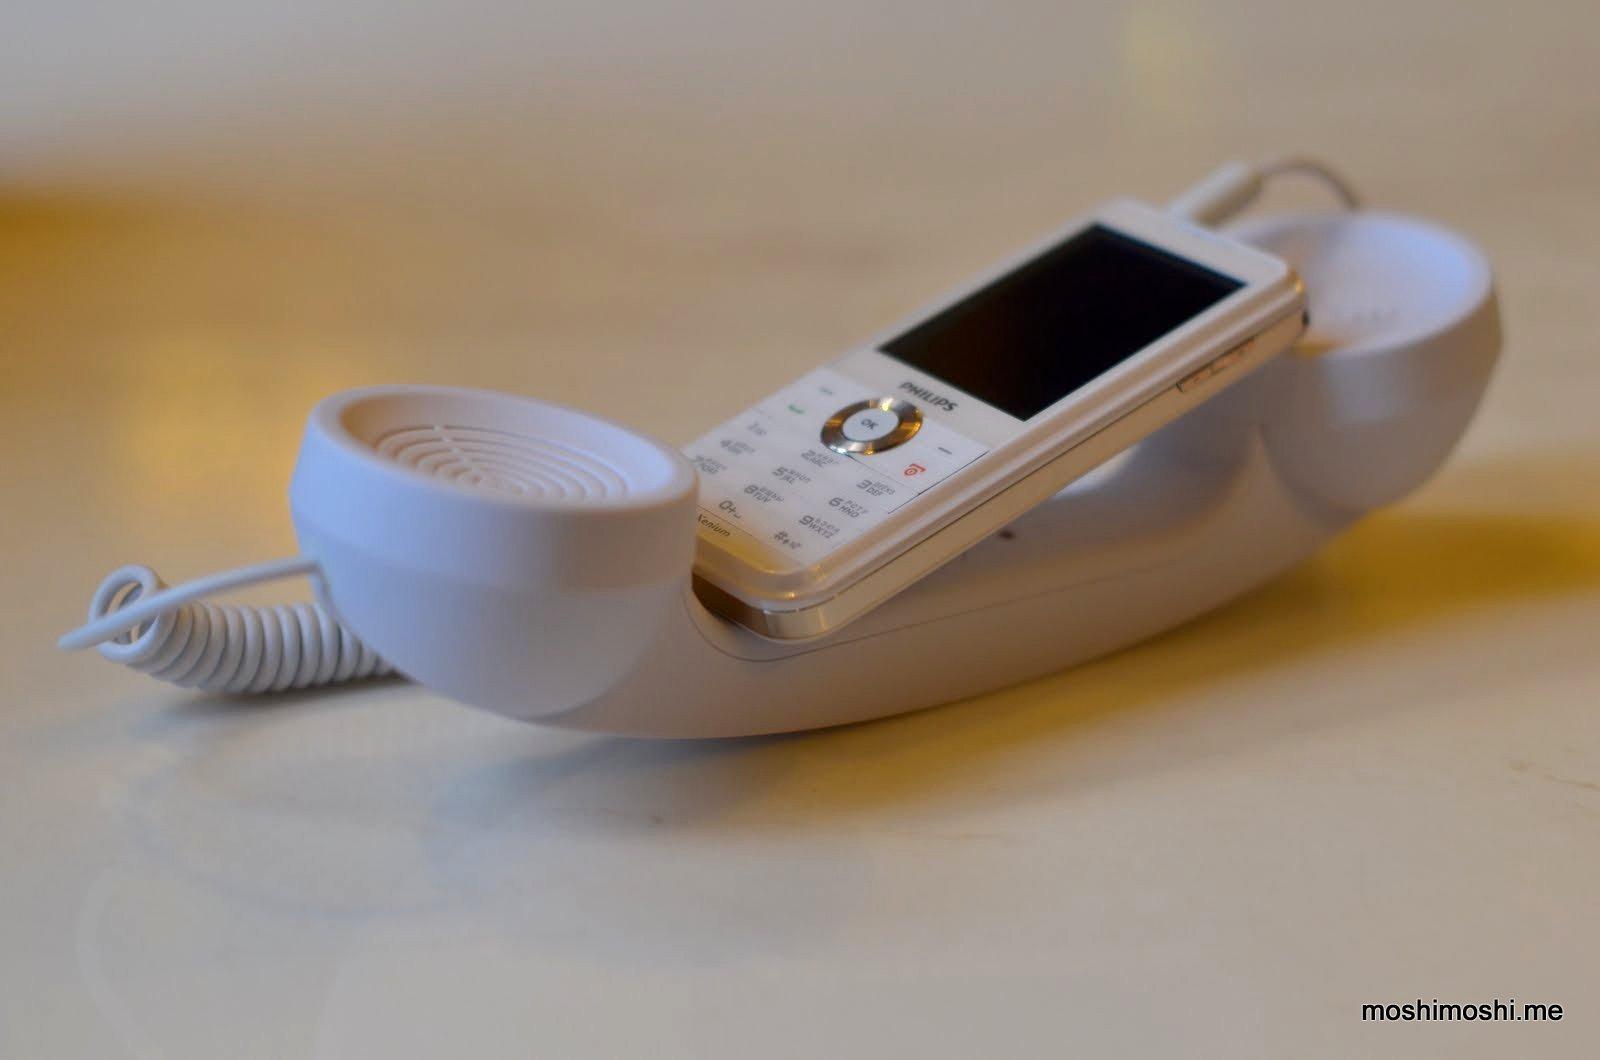 Ролик короткий для мобильного, Короткое видео - скачать порно на телефон андроид 3 фотография